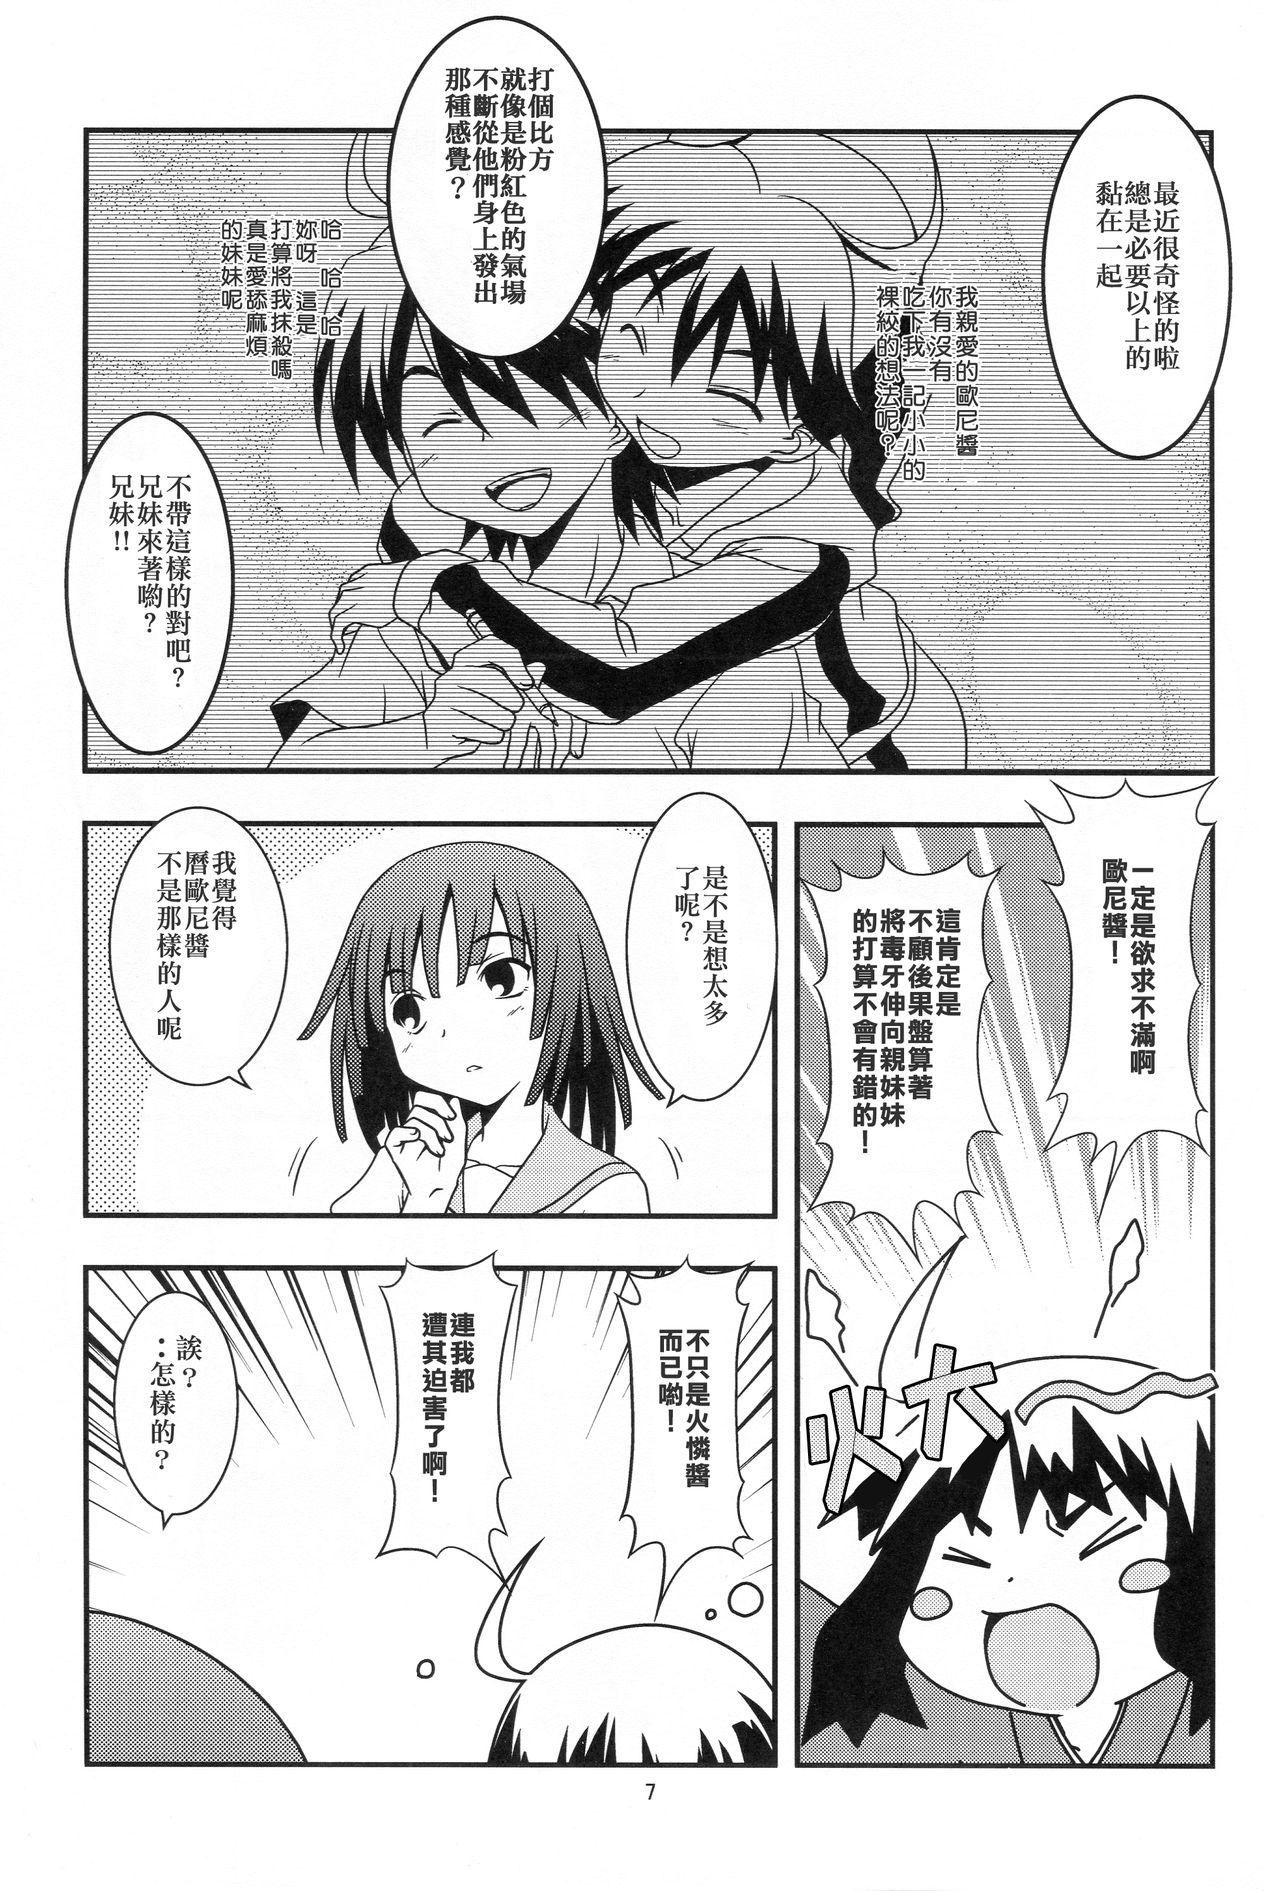 Nii-chan wa Sonna Koto Dakara 6